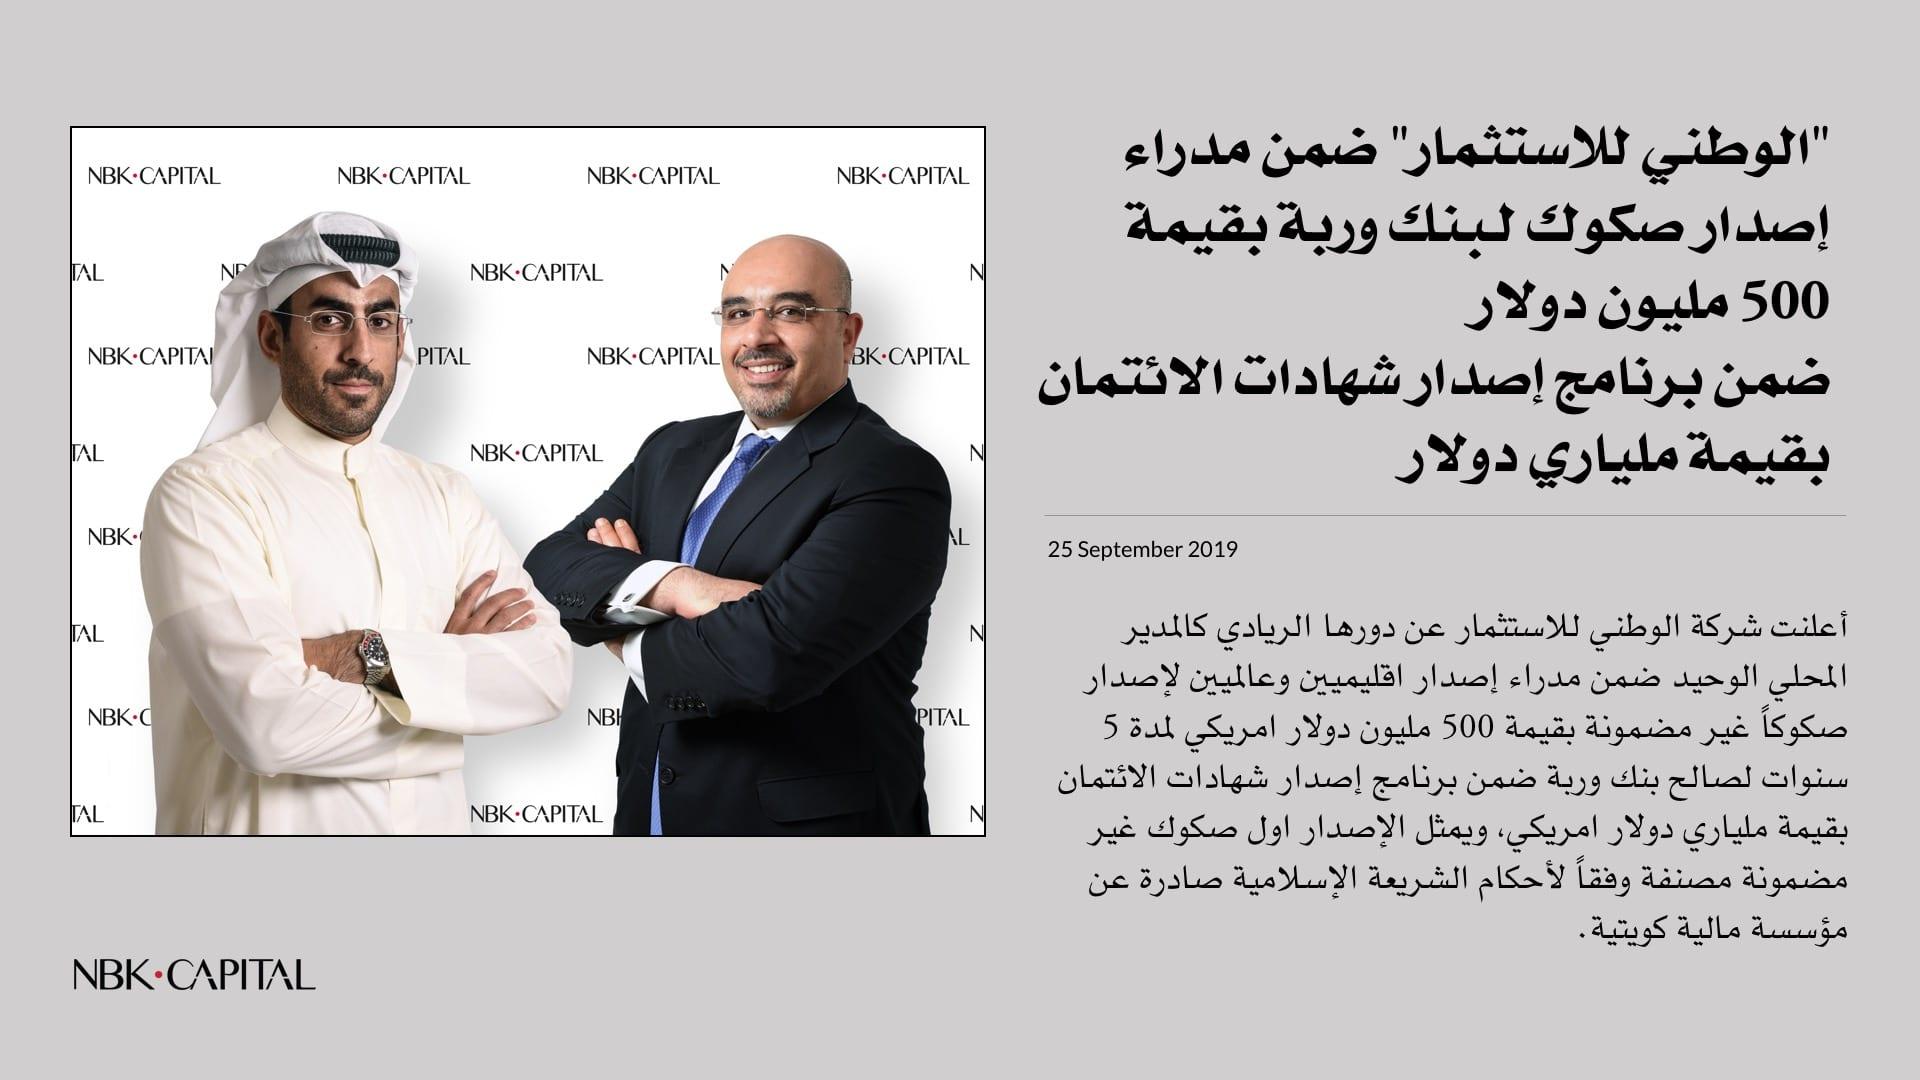 """""""الوطني للاستثمار"""" ضمن مدراء إصدار صكوك لـبنك وربة بقيمة 500 مليون دولار ضمن برنامج إصدار شهادات الائتمان بقيمة ملياري دولار"""